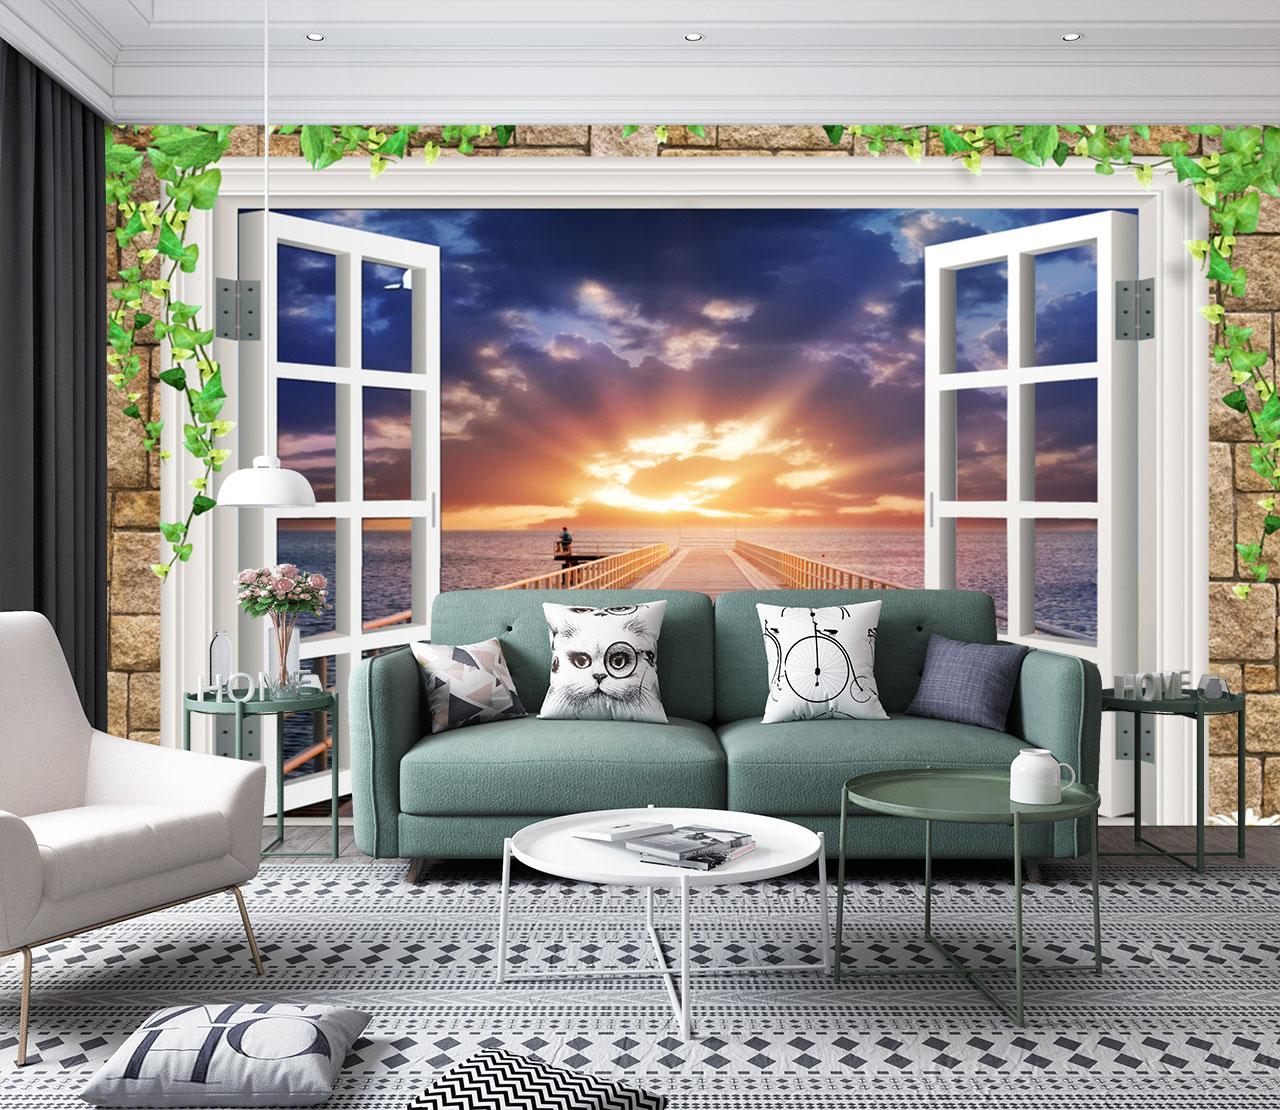 Tranh Cửa Sổ 3D Cho Phòng Khách Sang Trọng